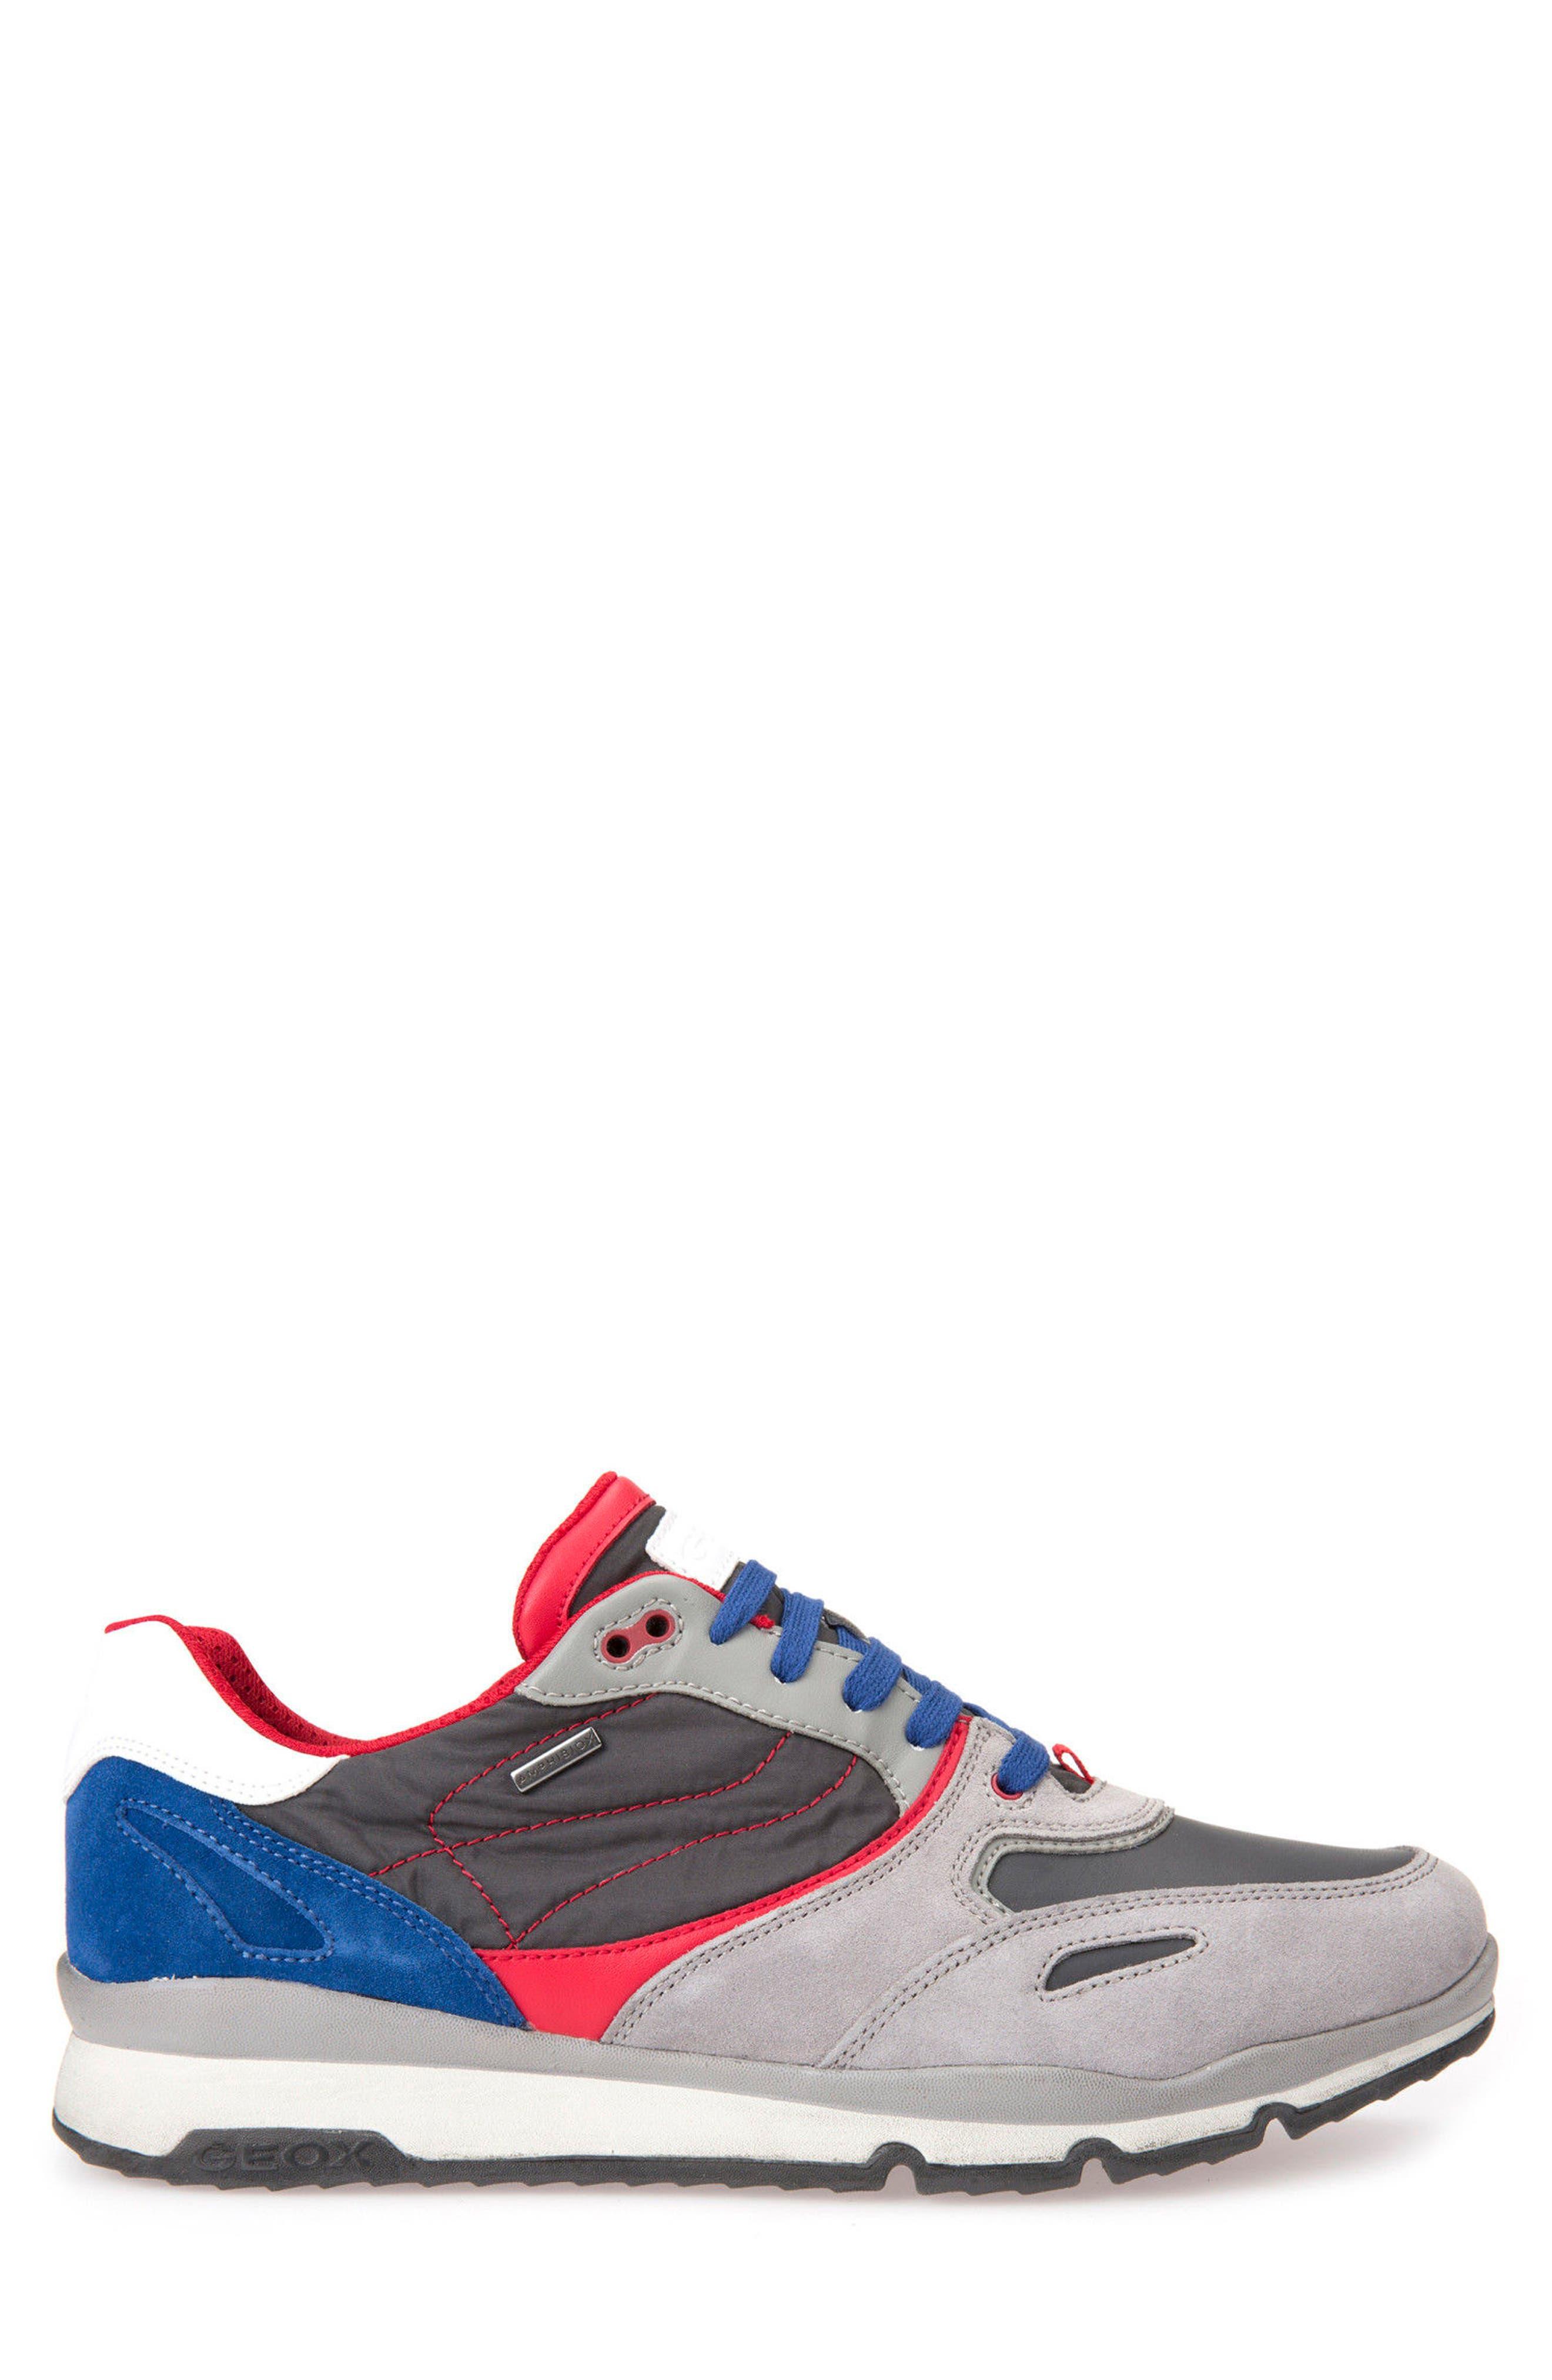 Alternate Image 3  - Geox Sandro ABX Ambphibiox Waterproof Sneaker (Men)